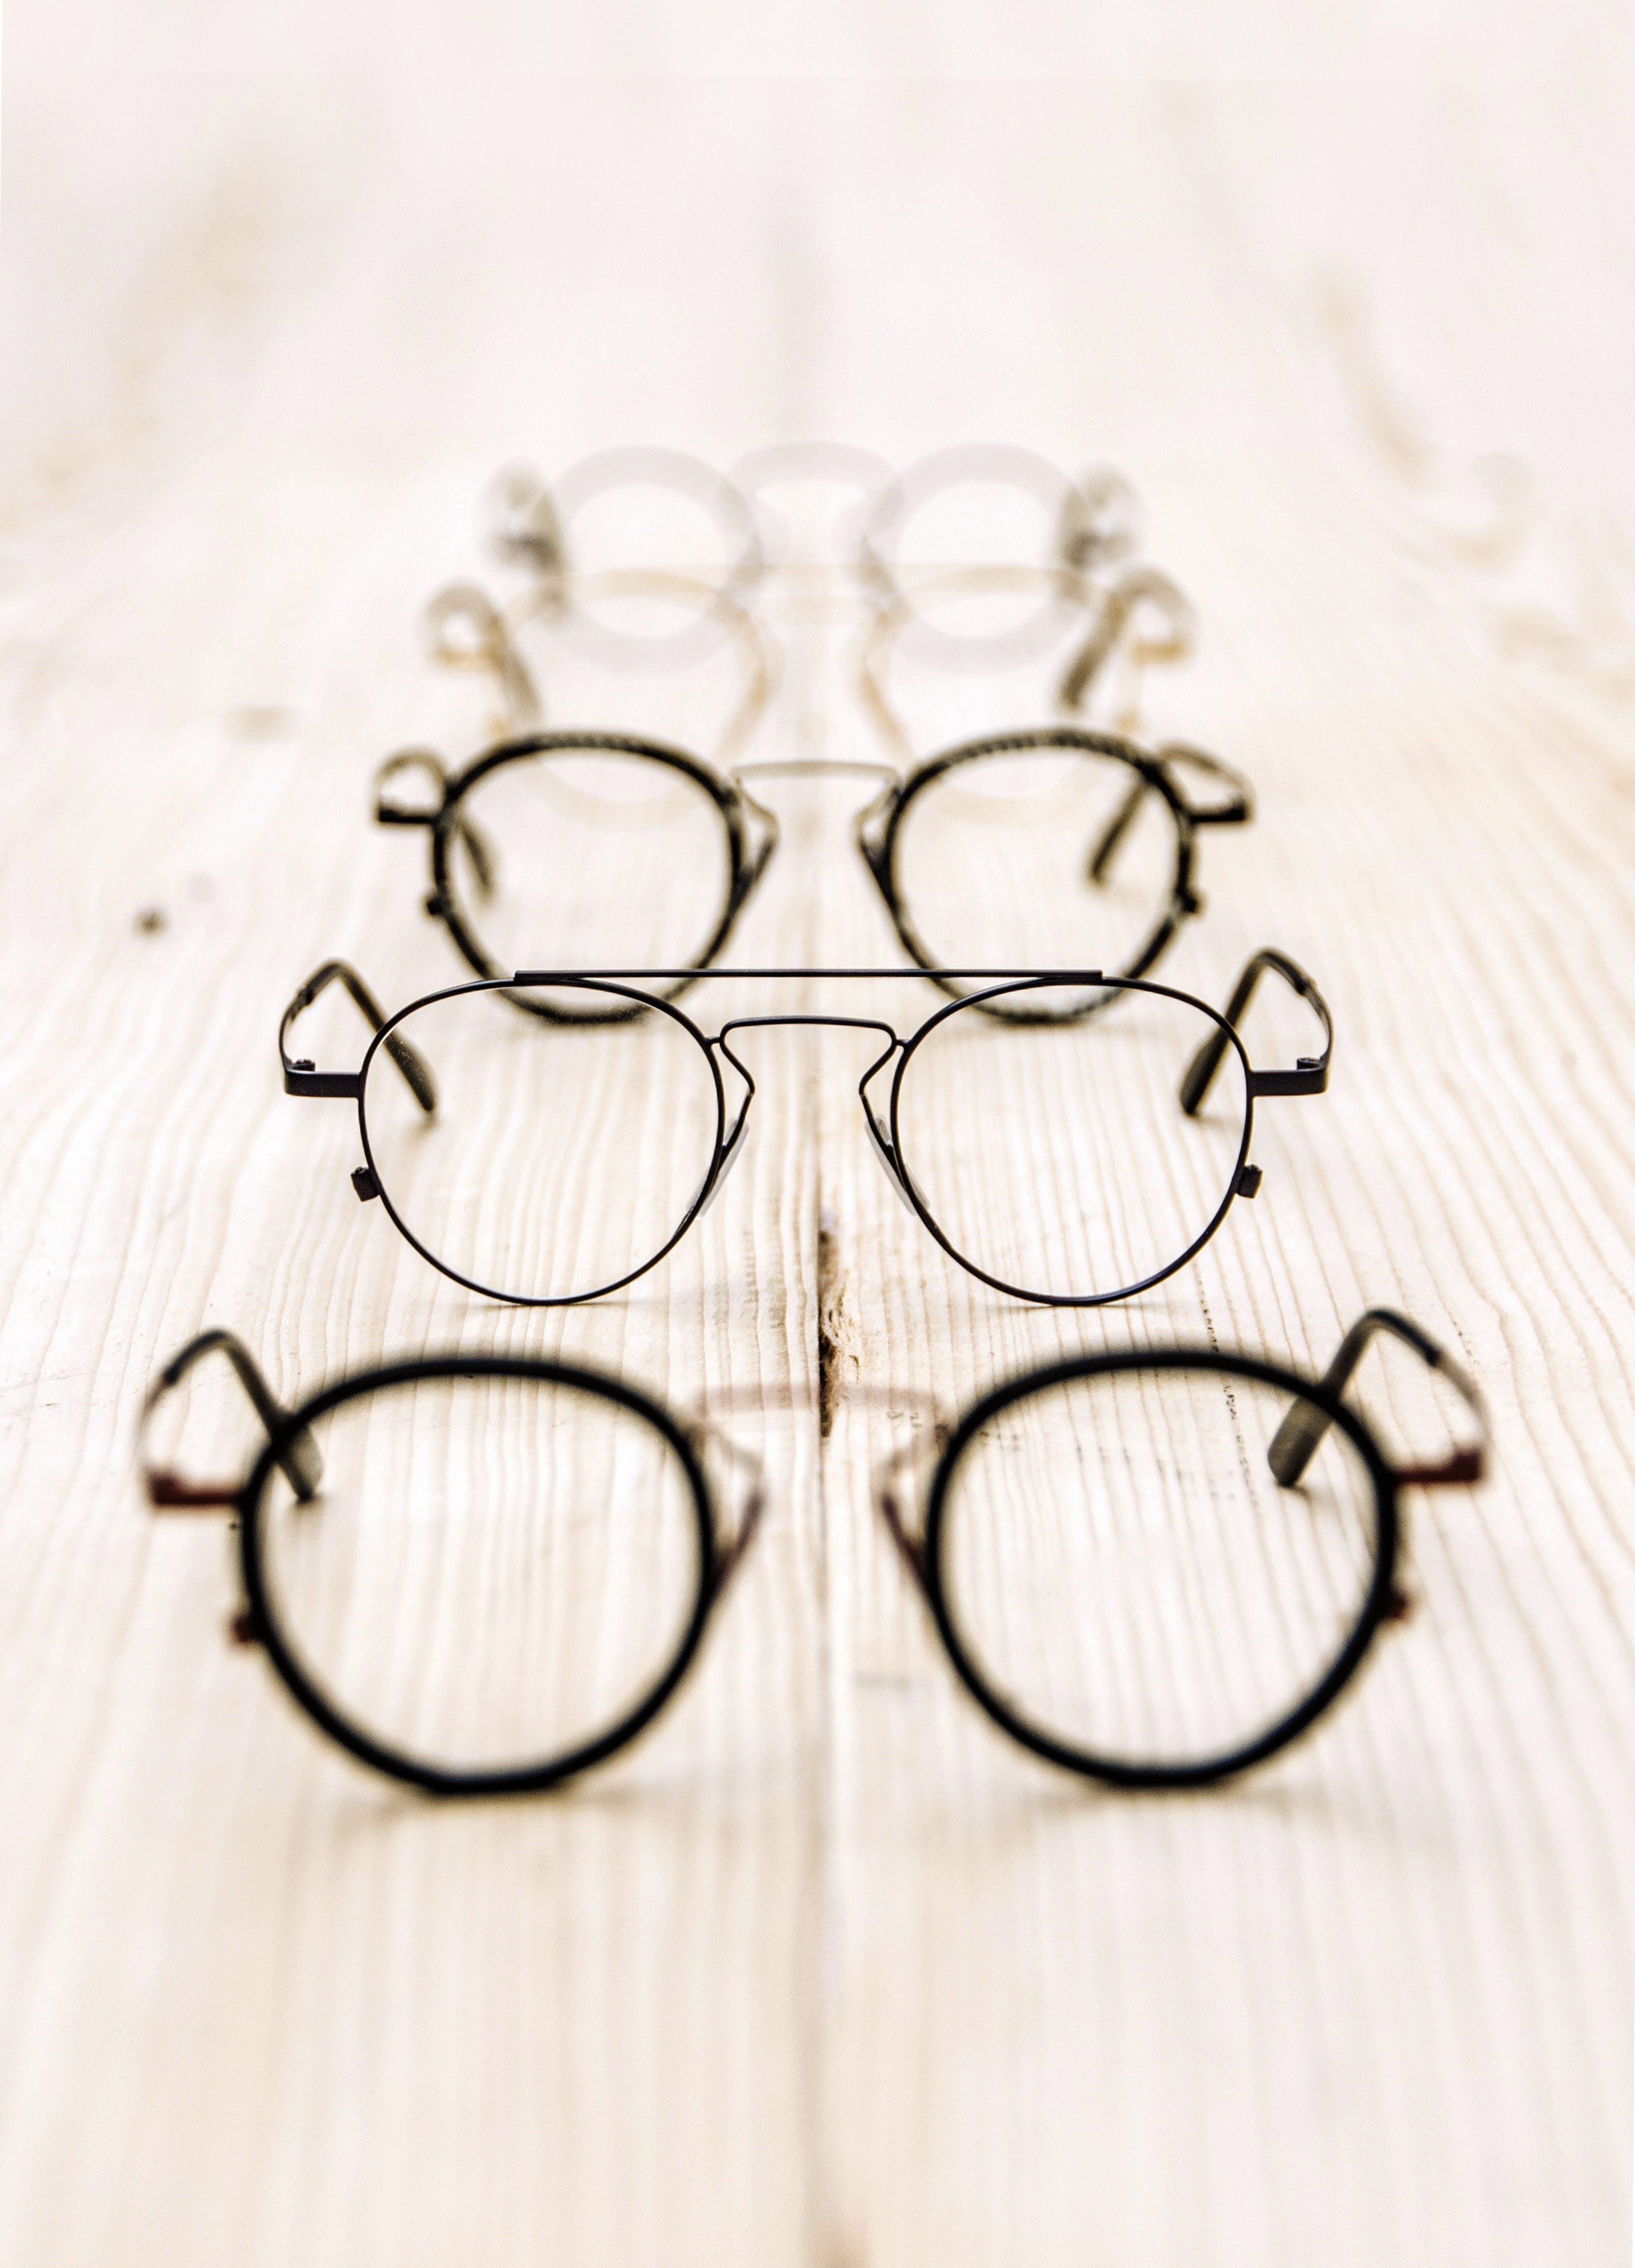 Fotobanka sbezplatnými fotkami na tému dioptrické okuliare, kov, okuliare, okuliare akontaktné šošovky